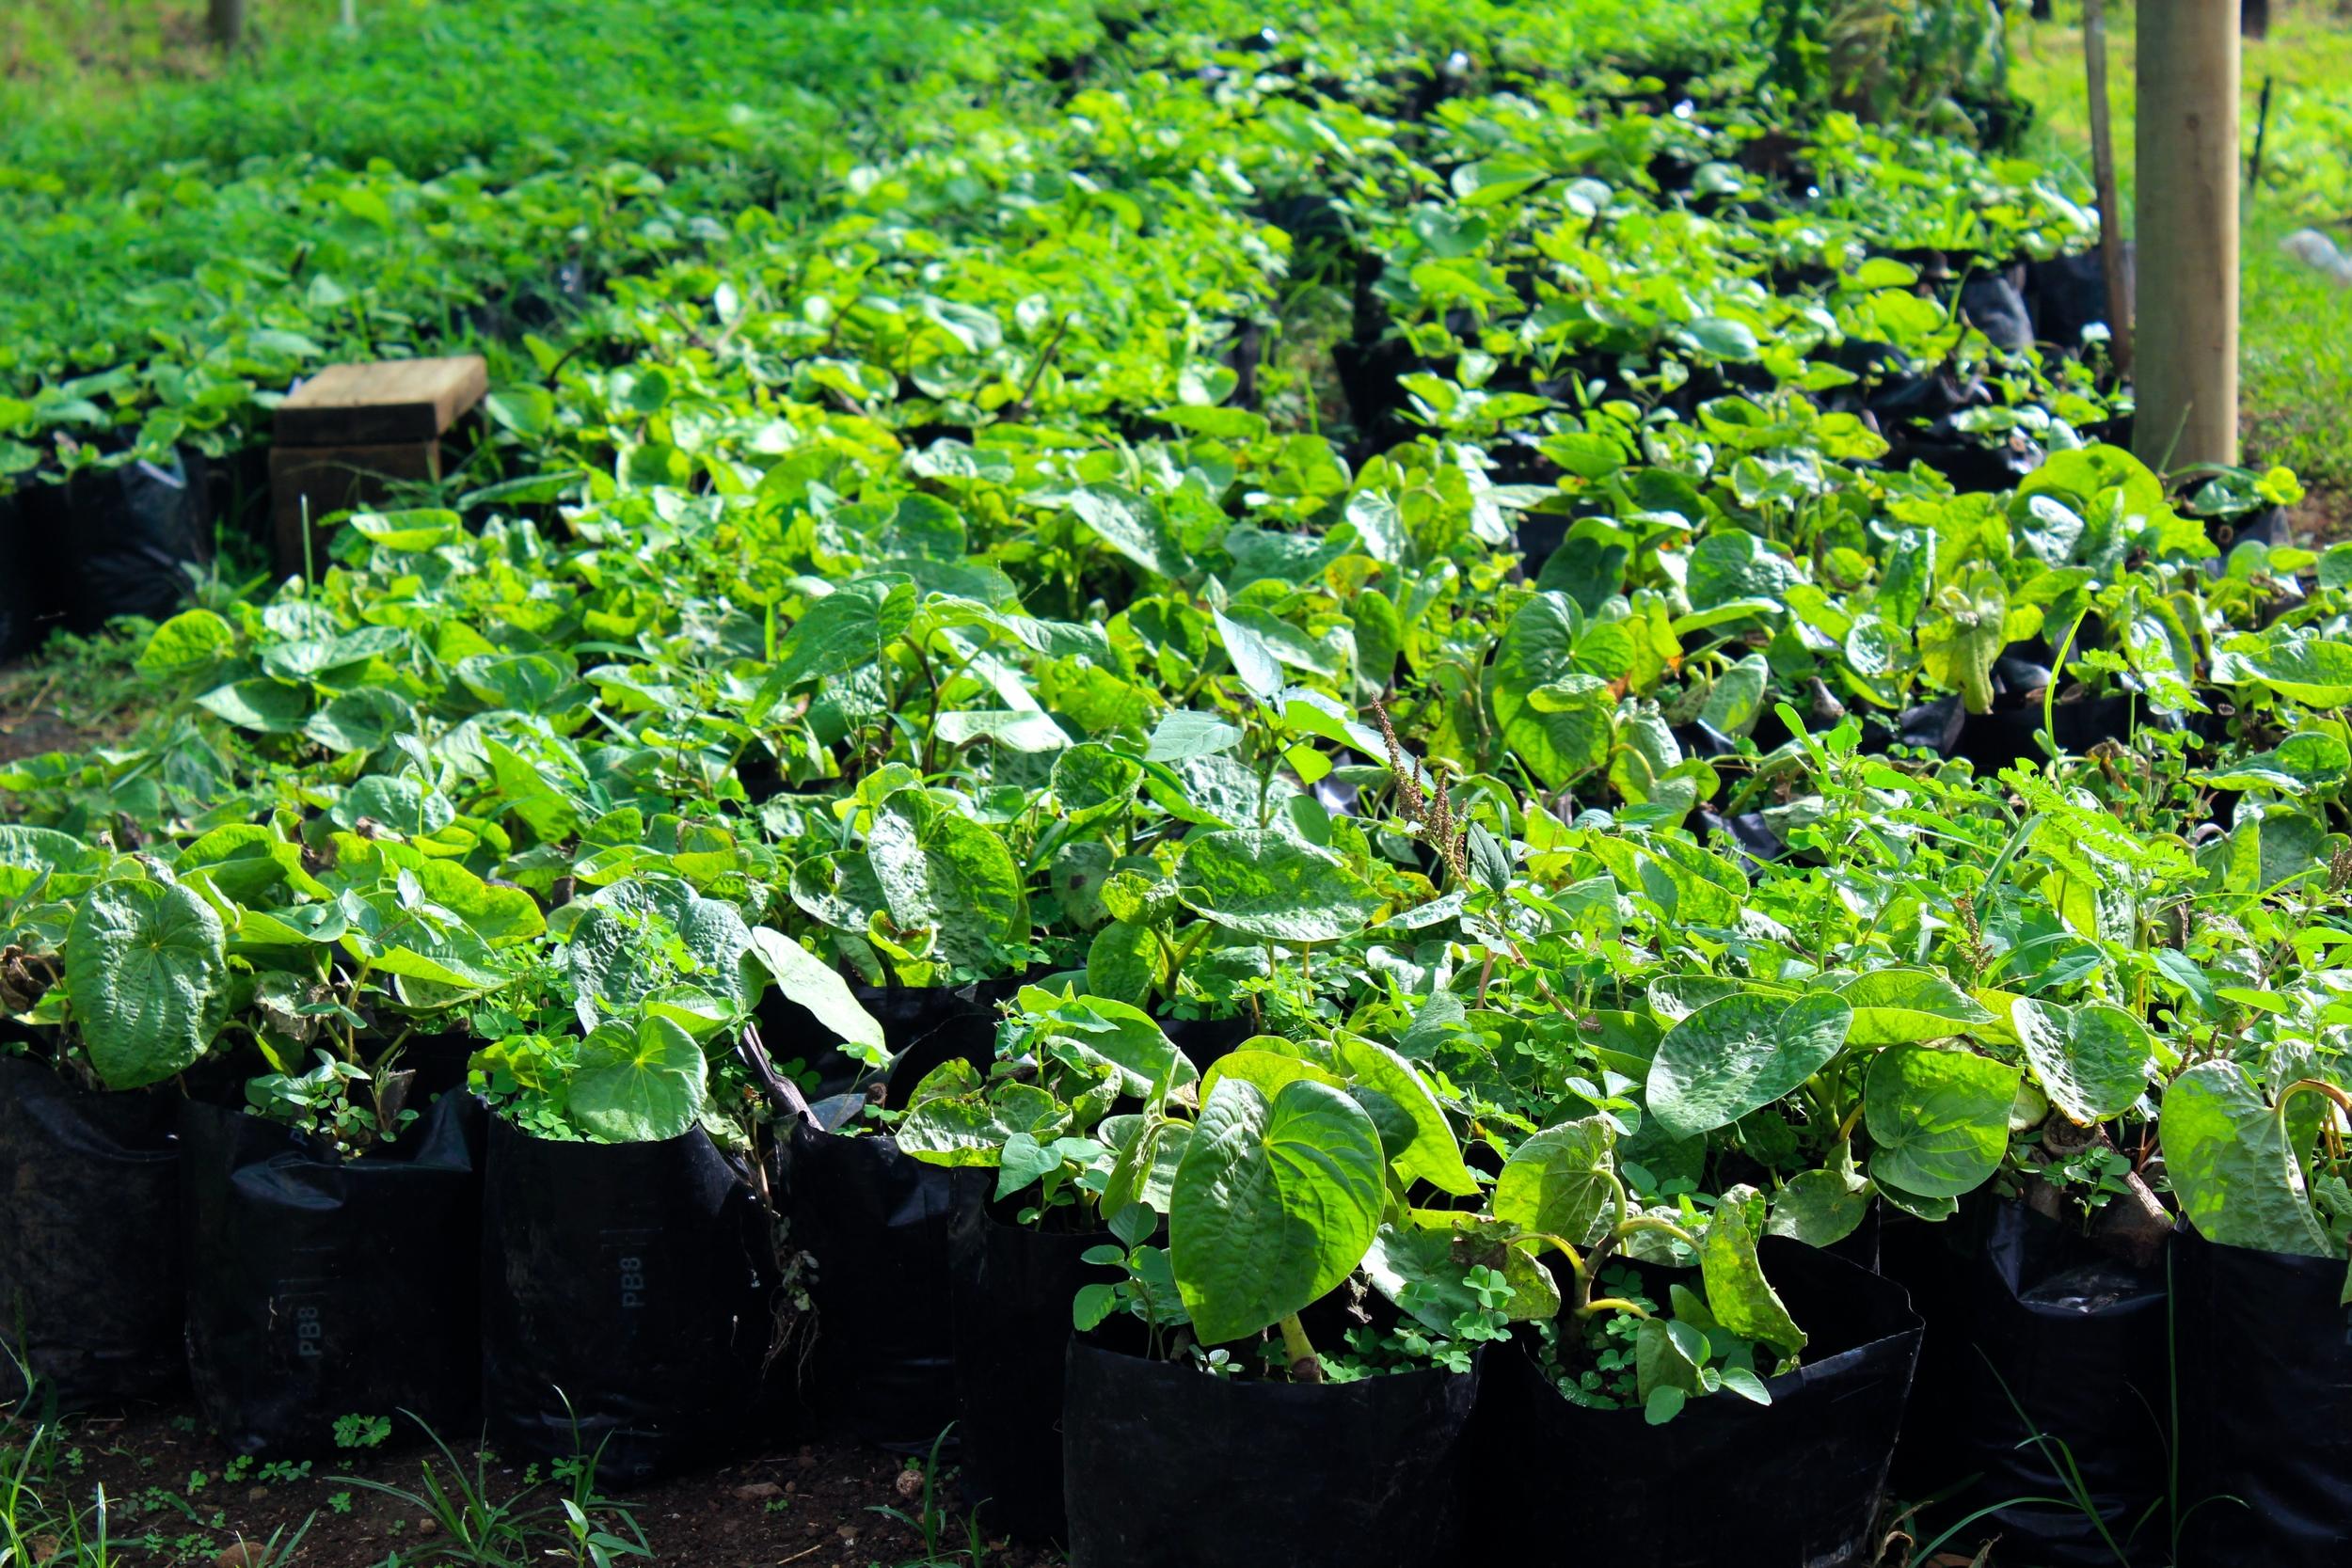 Young yaqona plants